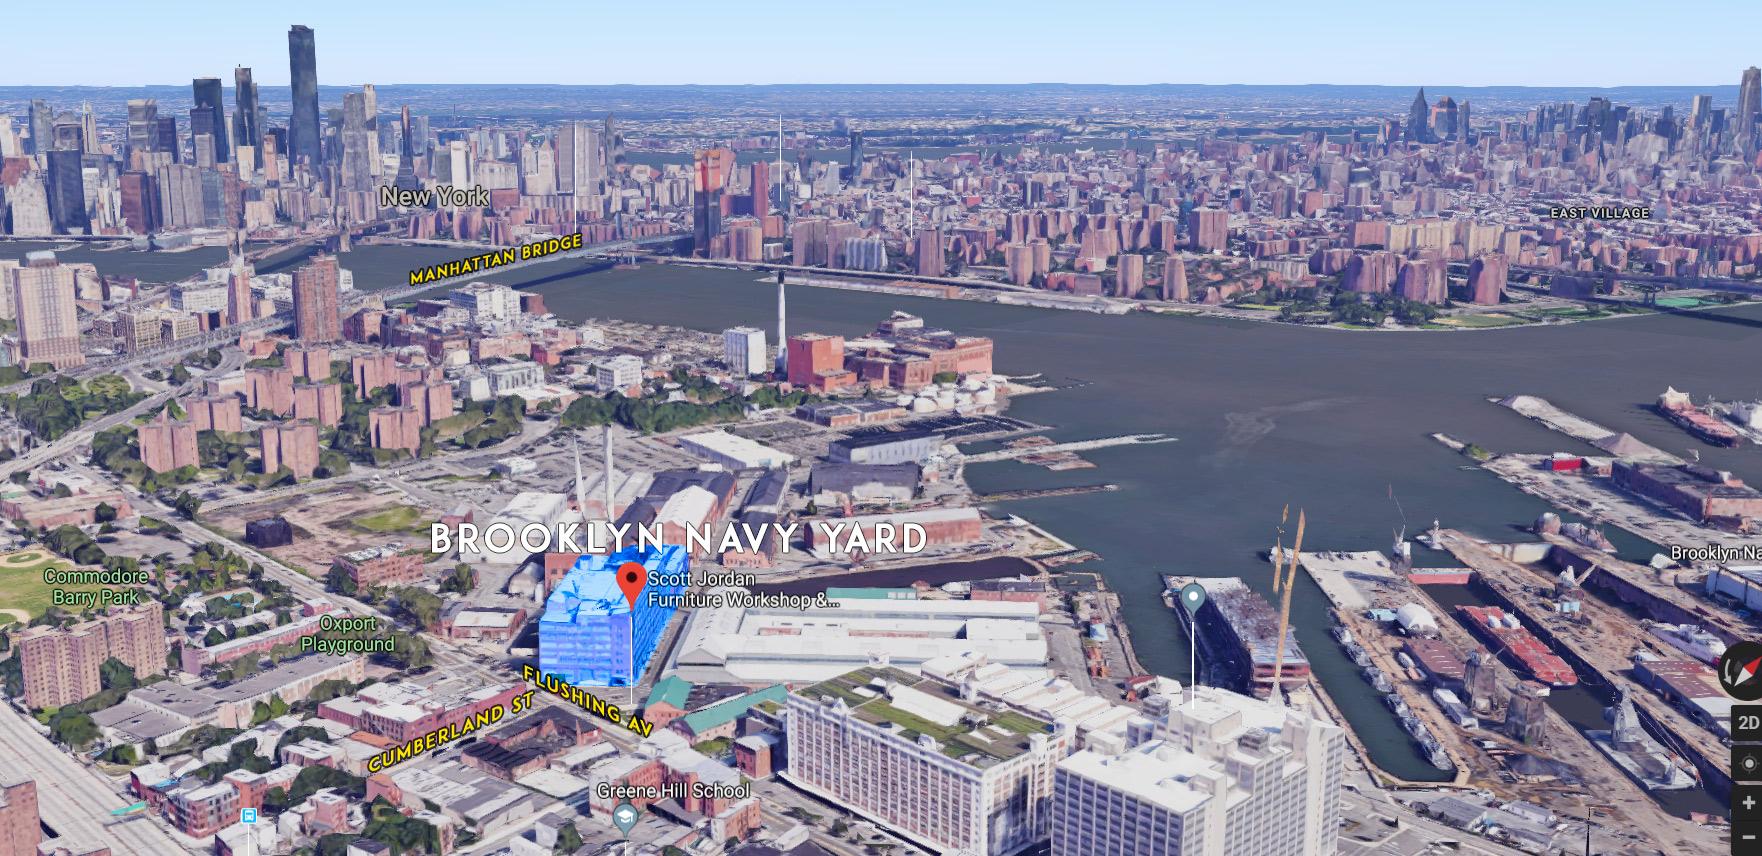 Brooklyn Navy Yard Map